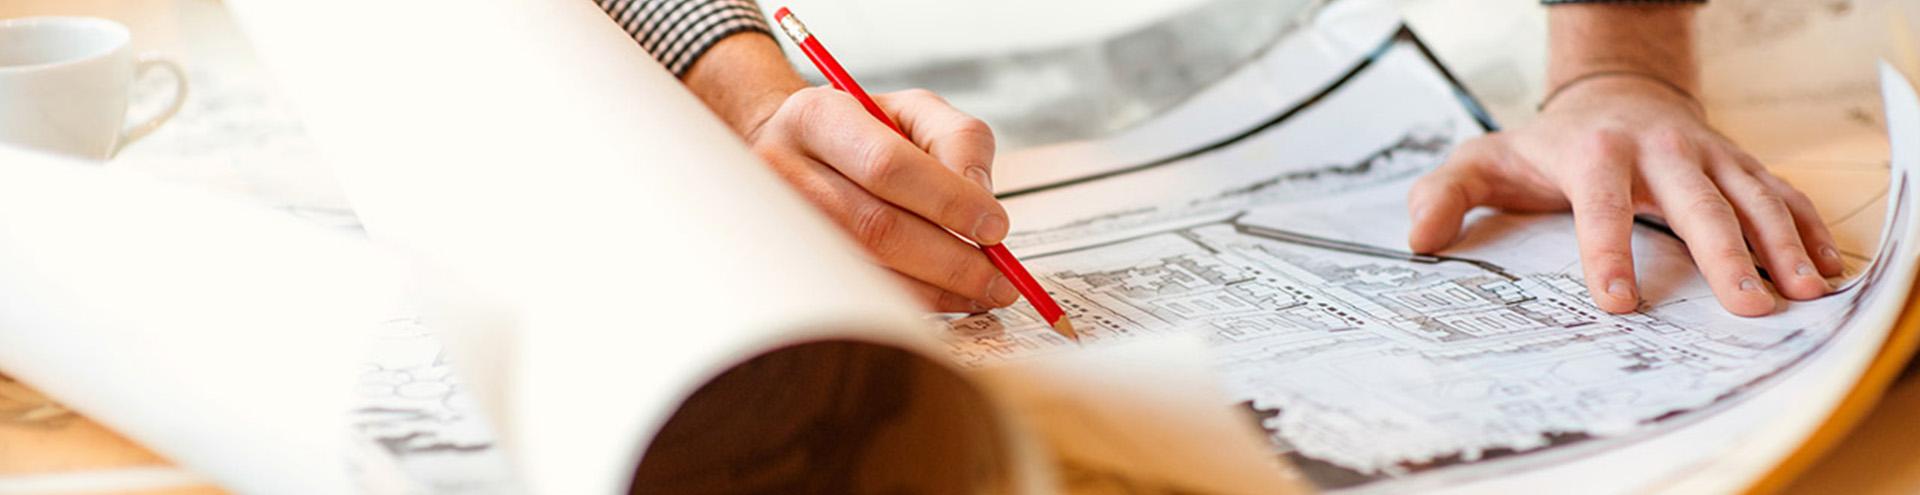 установление сервитута для юридических лиц в Краснодаре